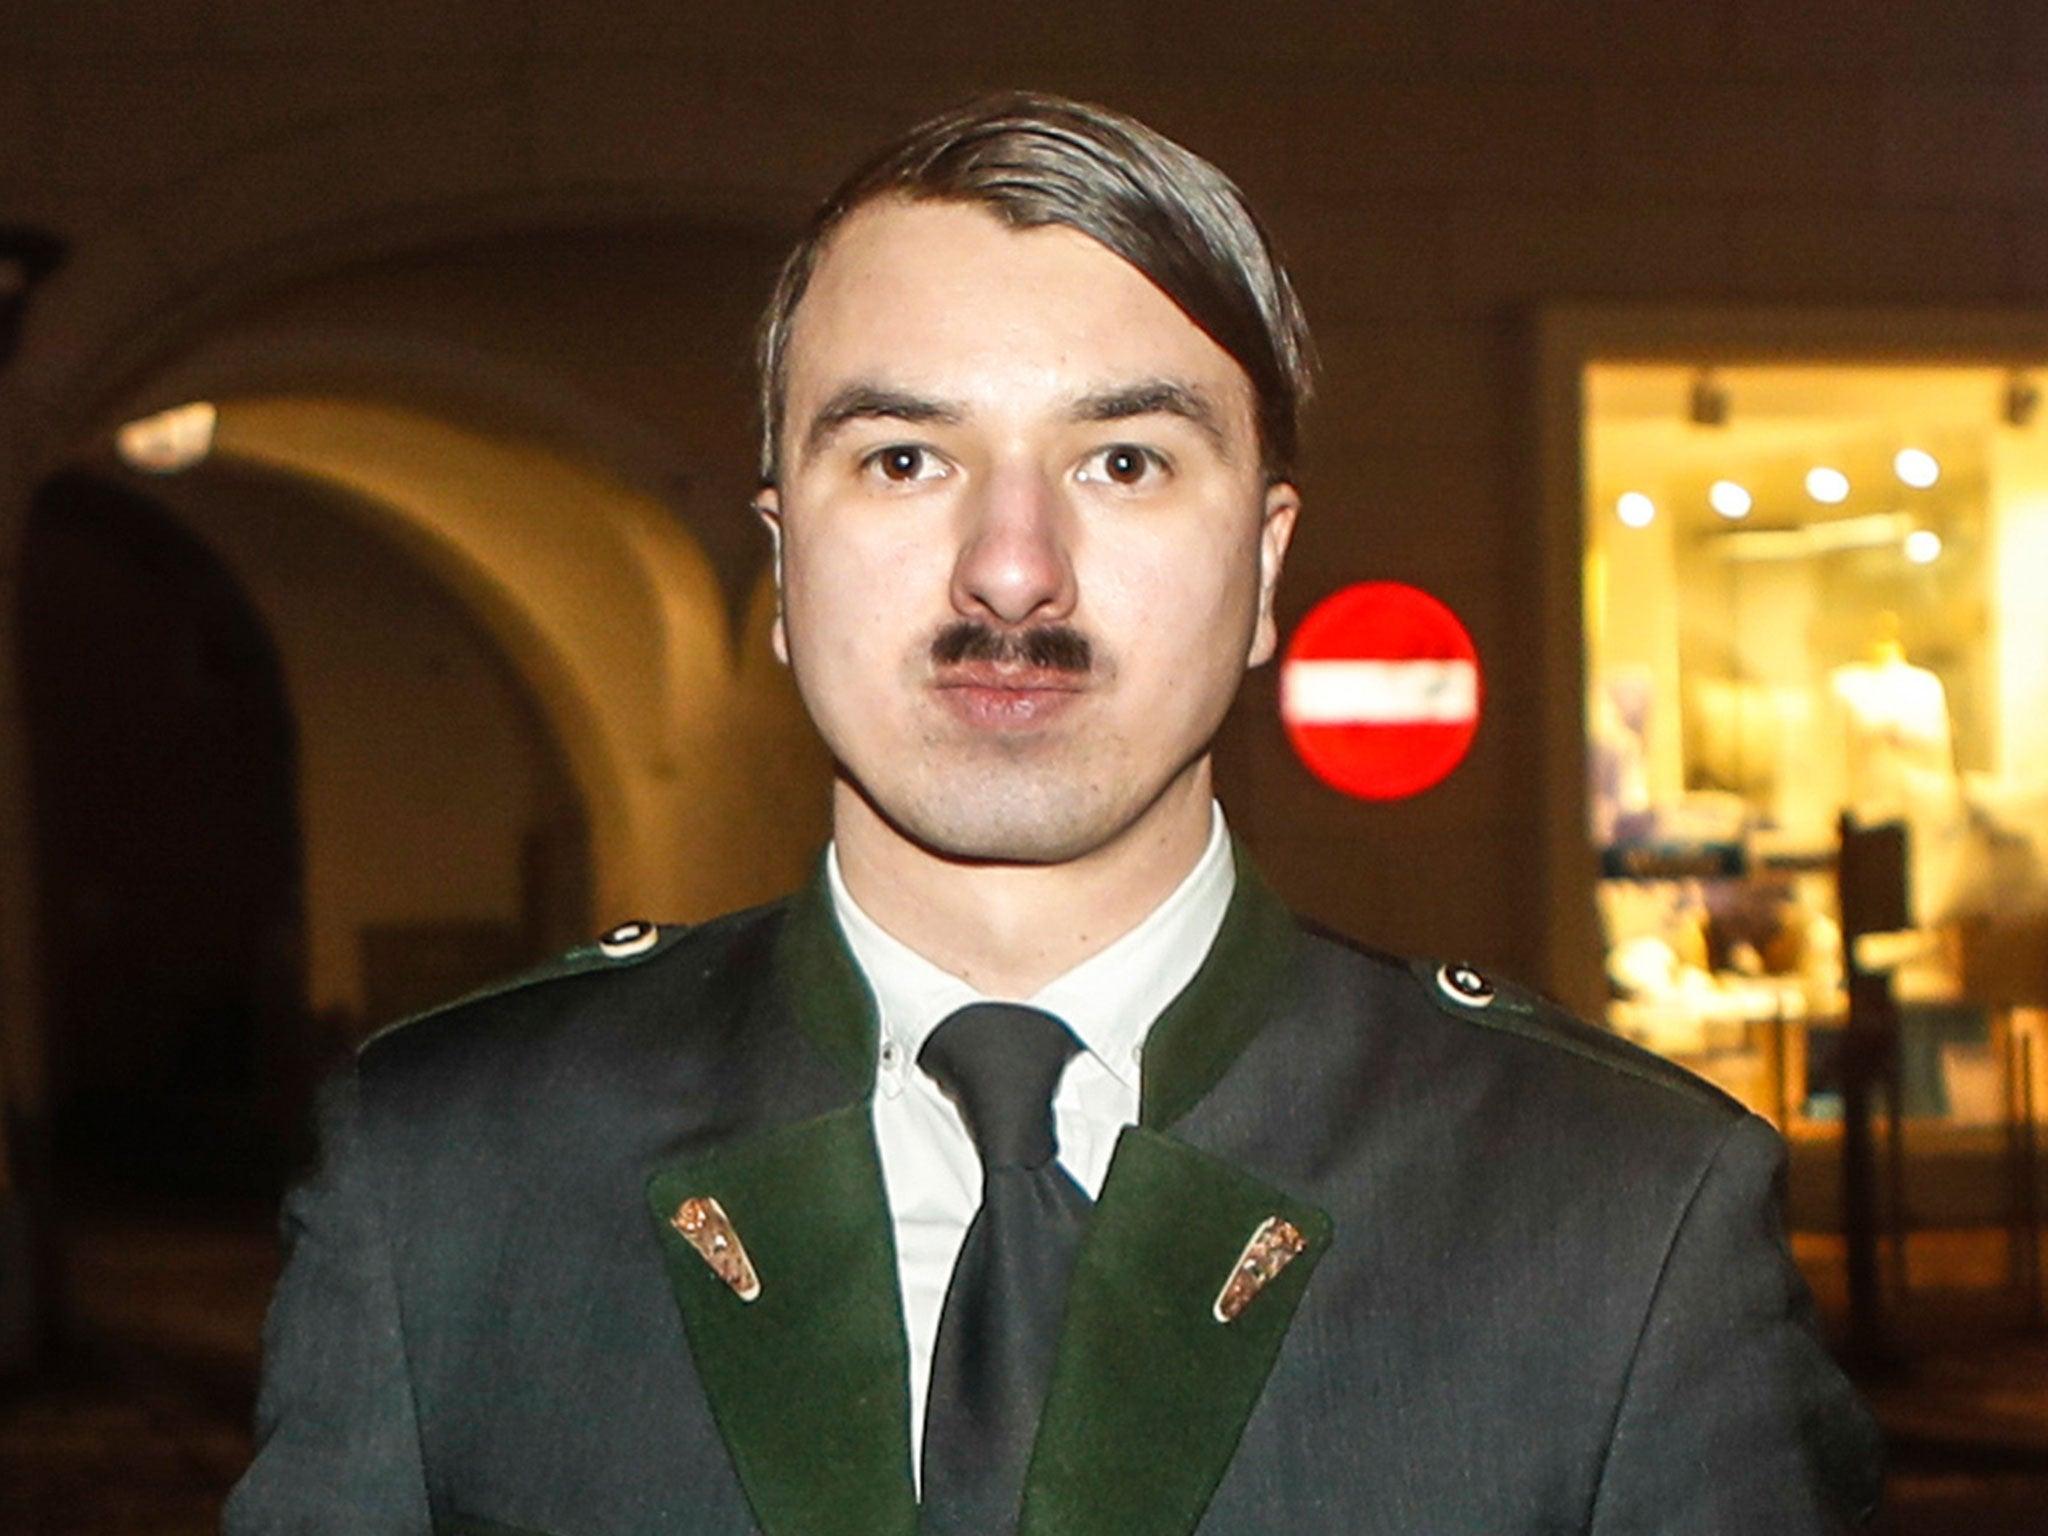 Hitler Double